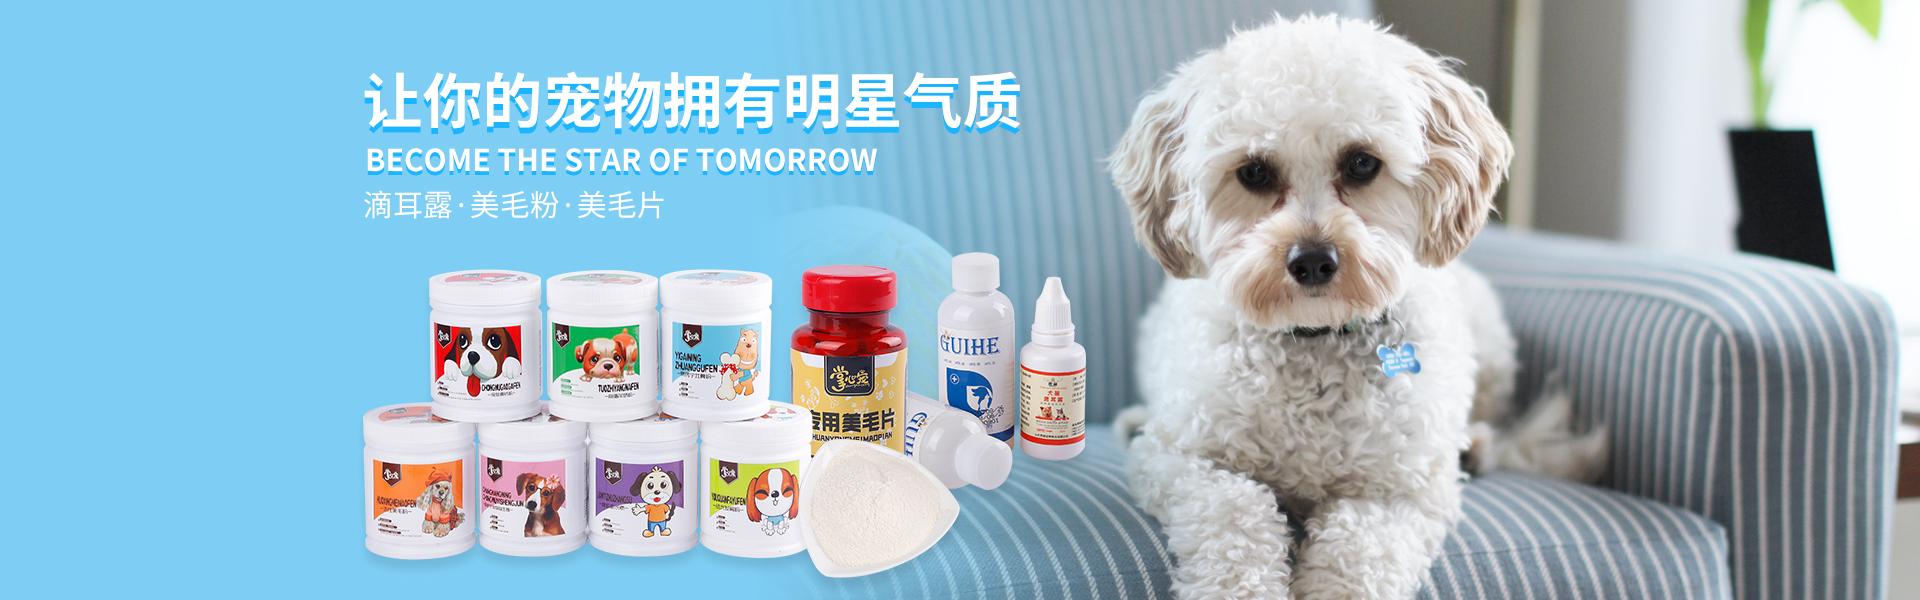 猫粮狗粮OEM,猫粮狗粮代加工,宠物营养品,宠物保健品